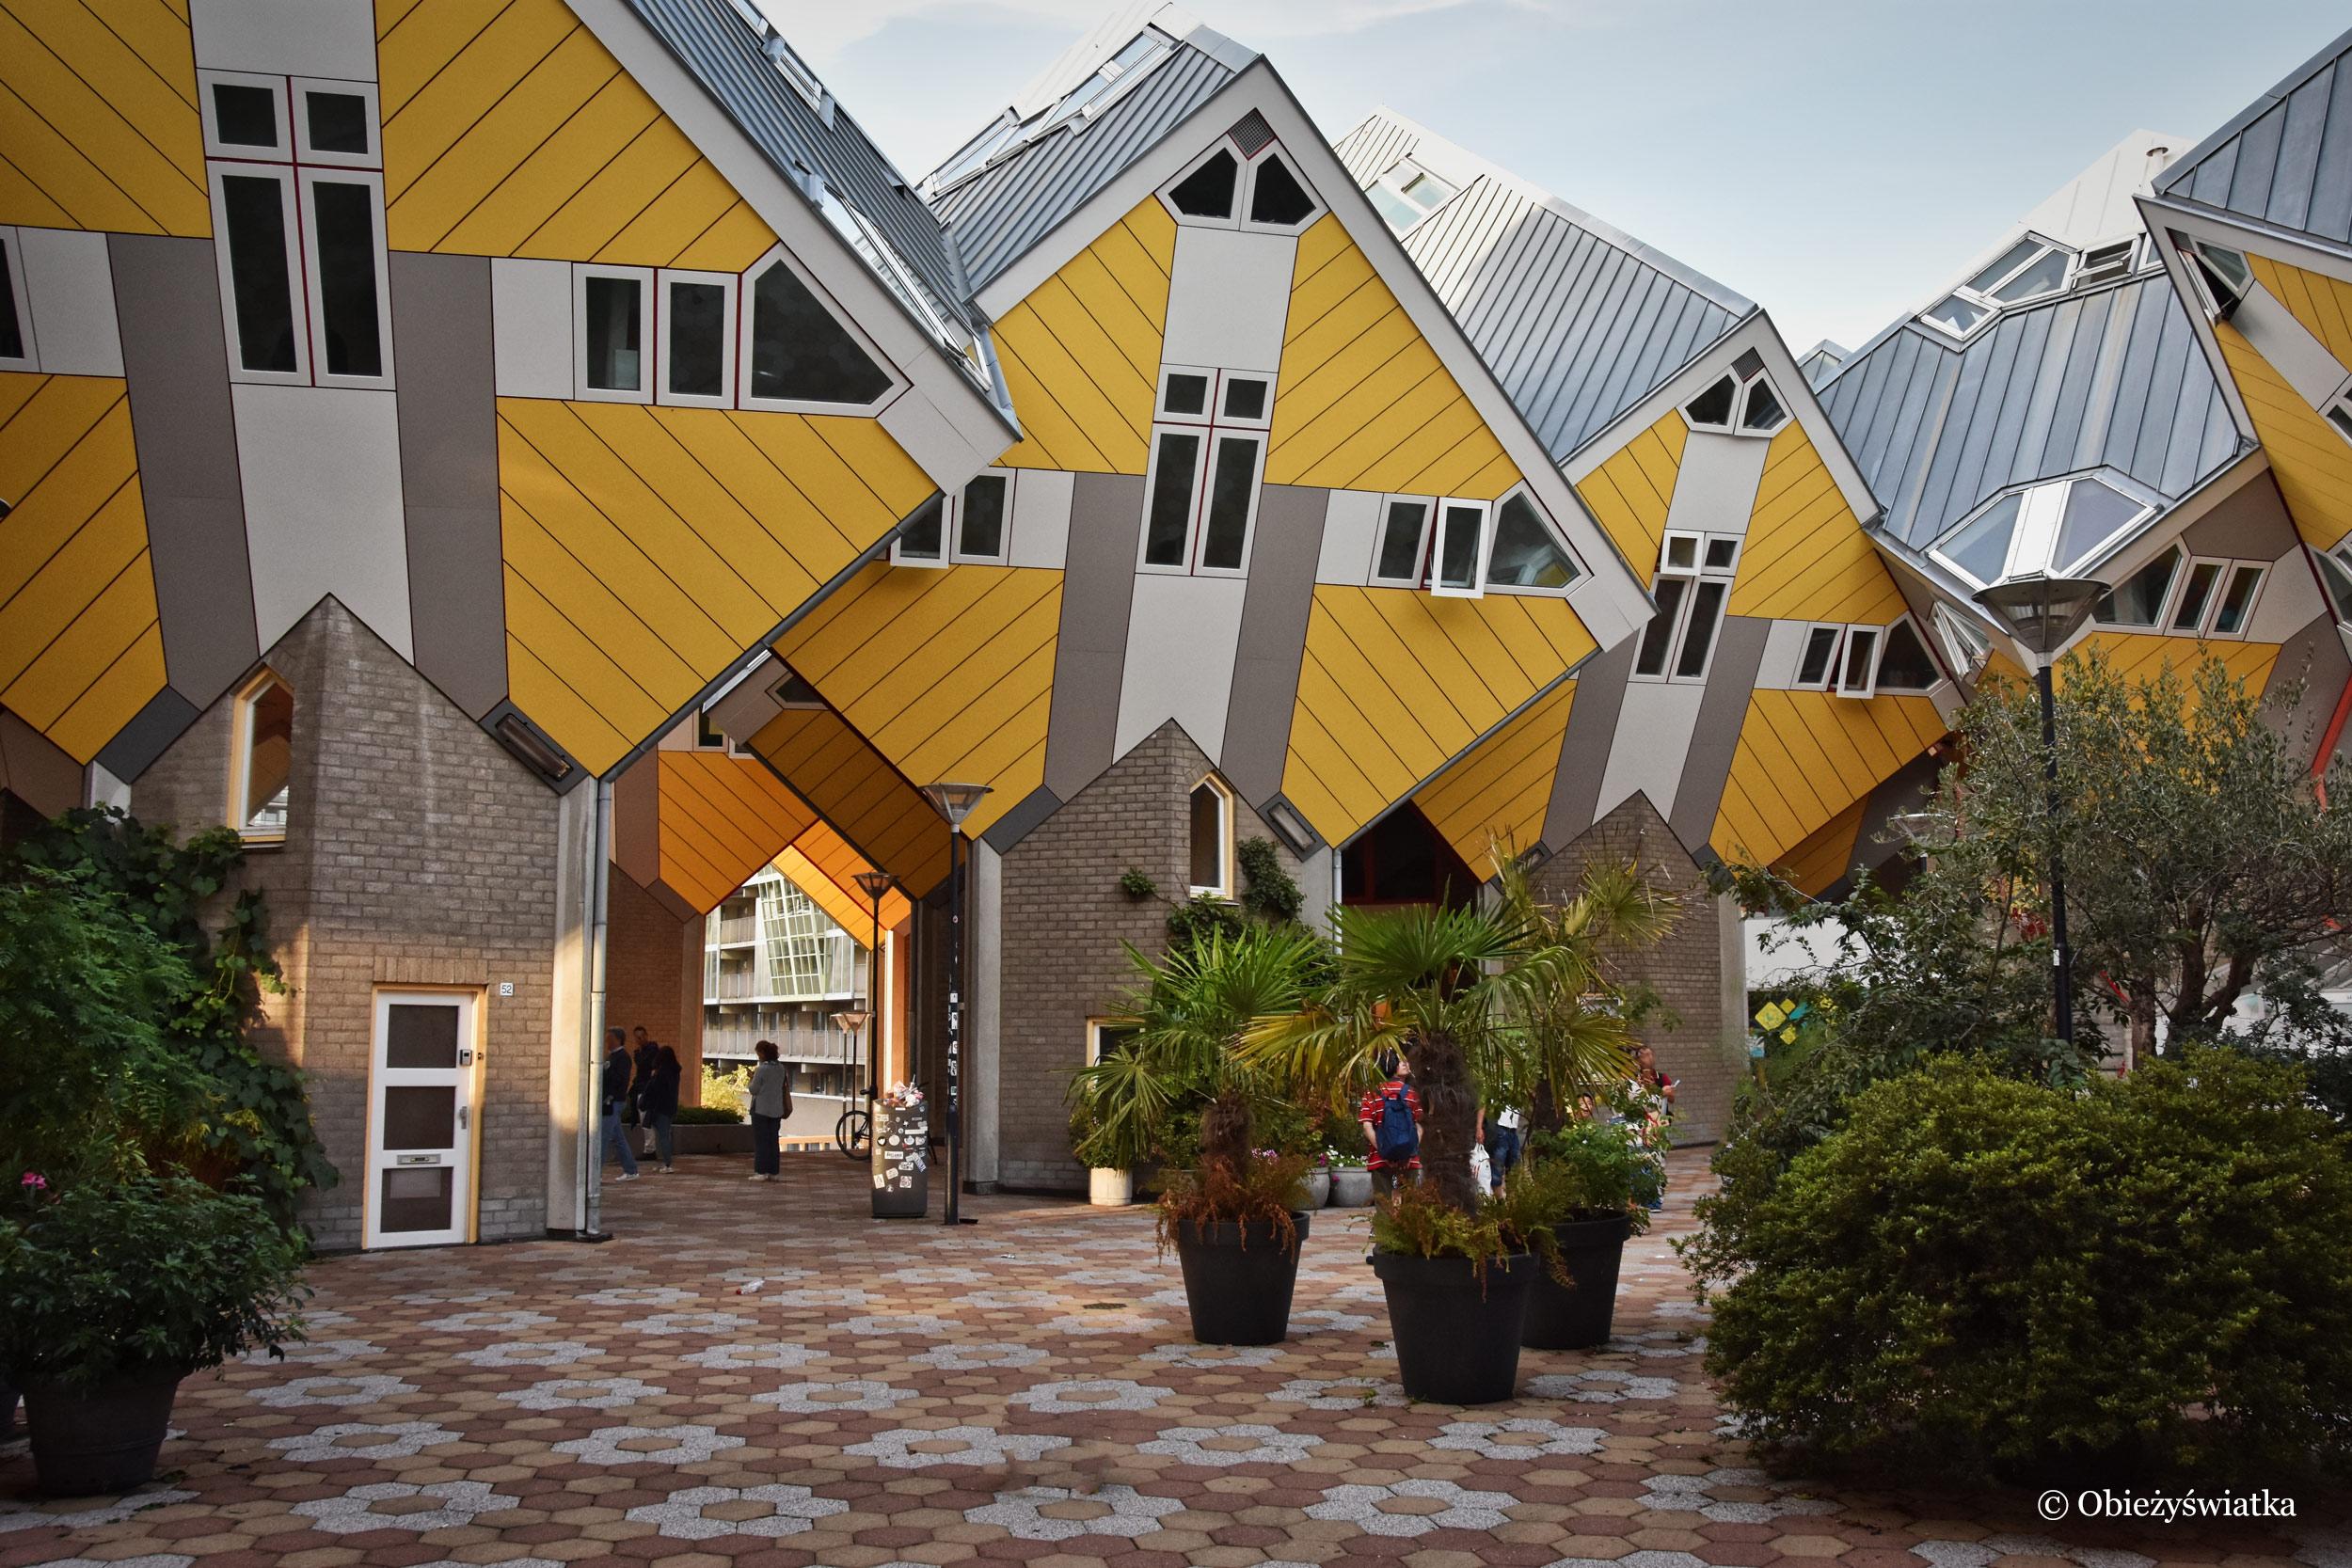 Kompleks mieszkalny w Rotterdamie - Cube Houses